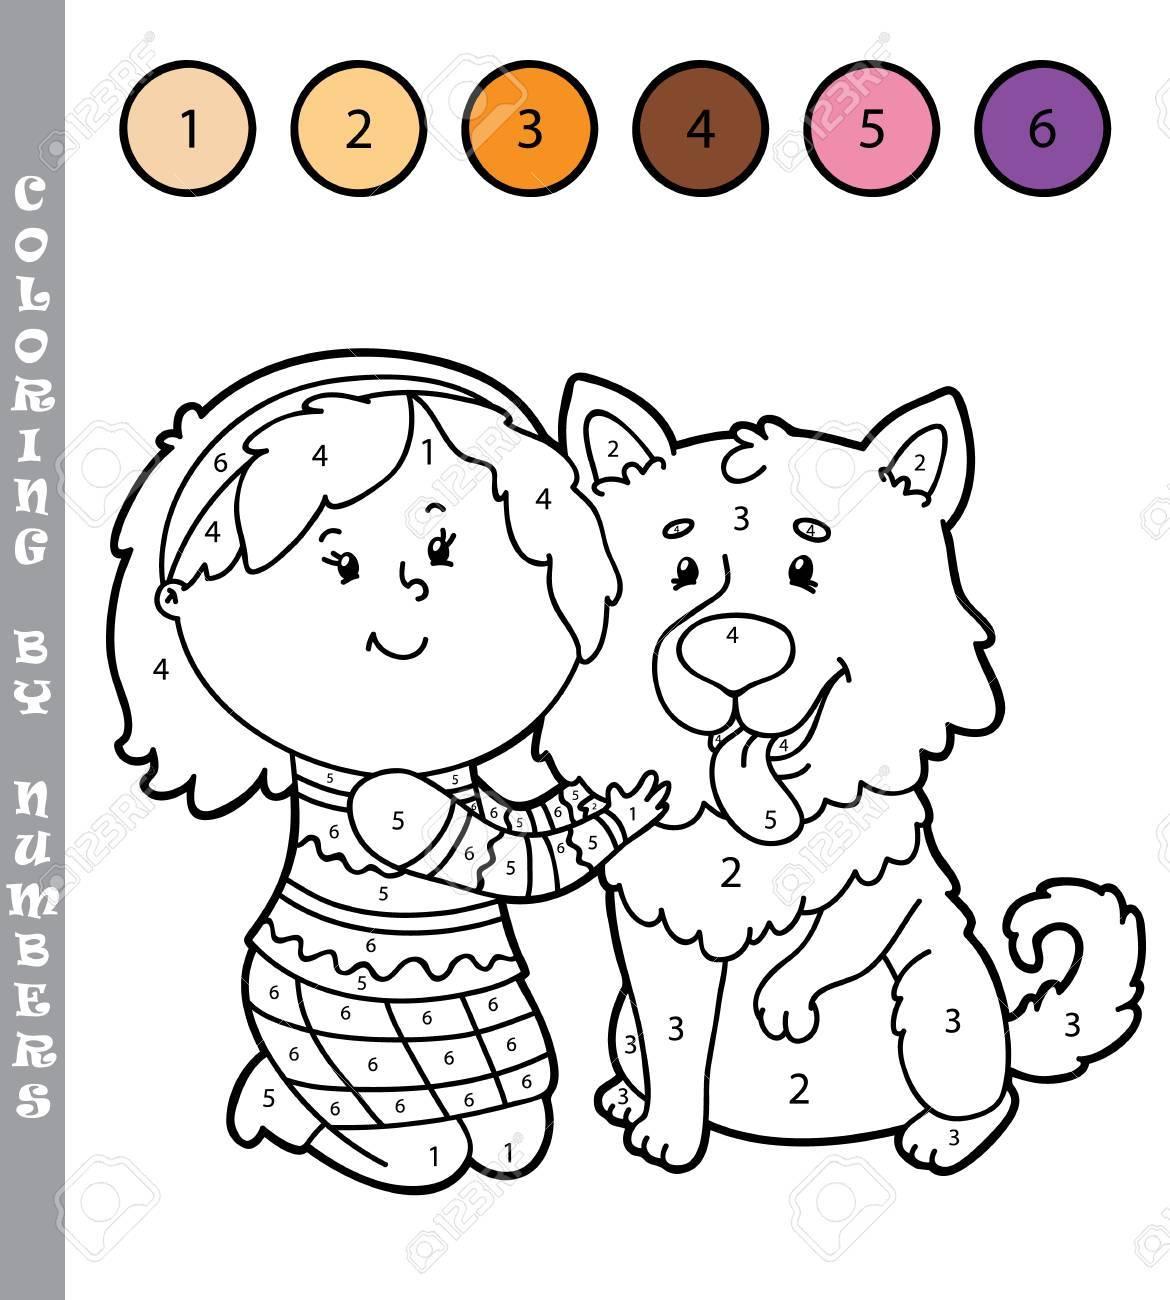 Ilustración Vectorial Para Colorear Por Números Juego Educativo Con Dibujos Animados Niña Y Perro Para Niños